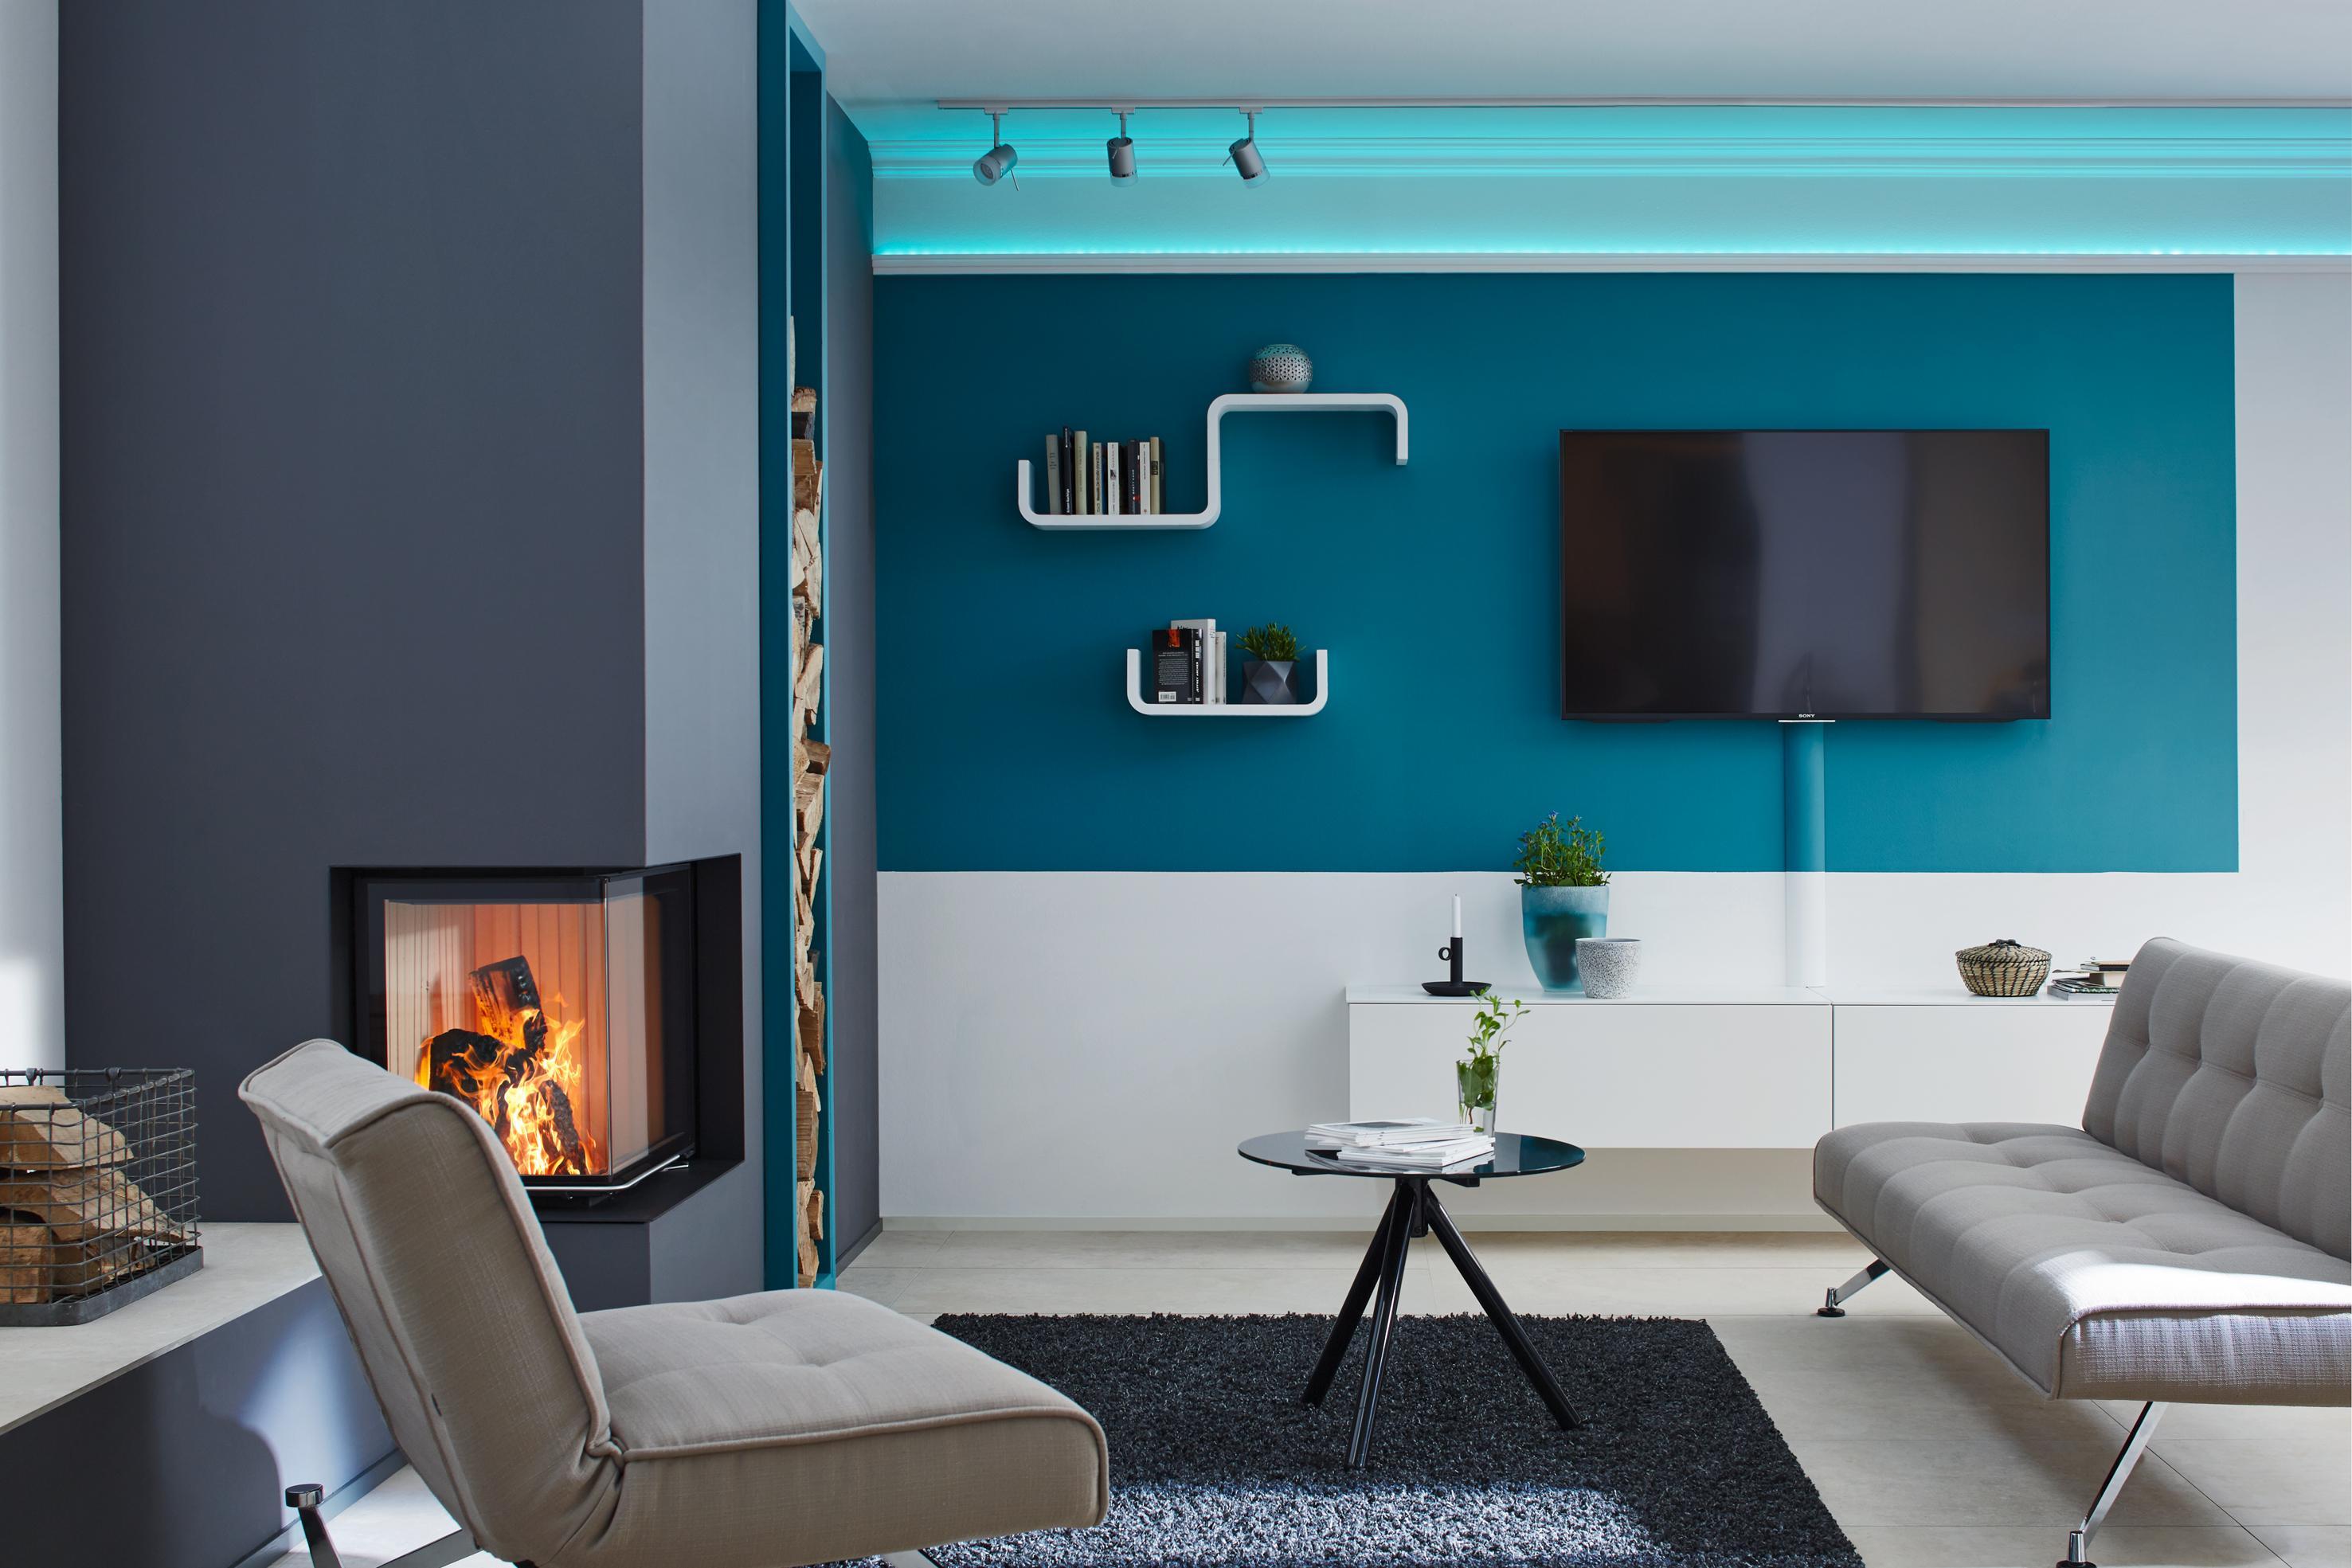 Moderne Wohnzimmerwand #wohnzimmer ©Saarpor • COUCH